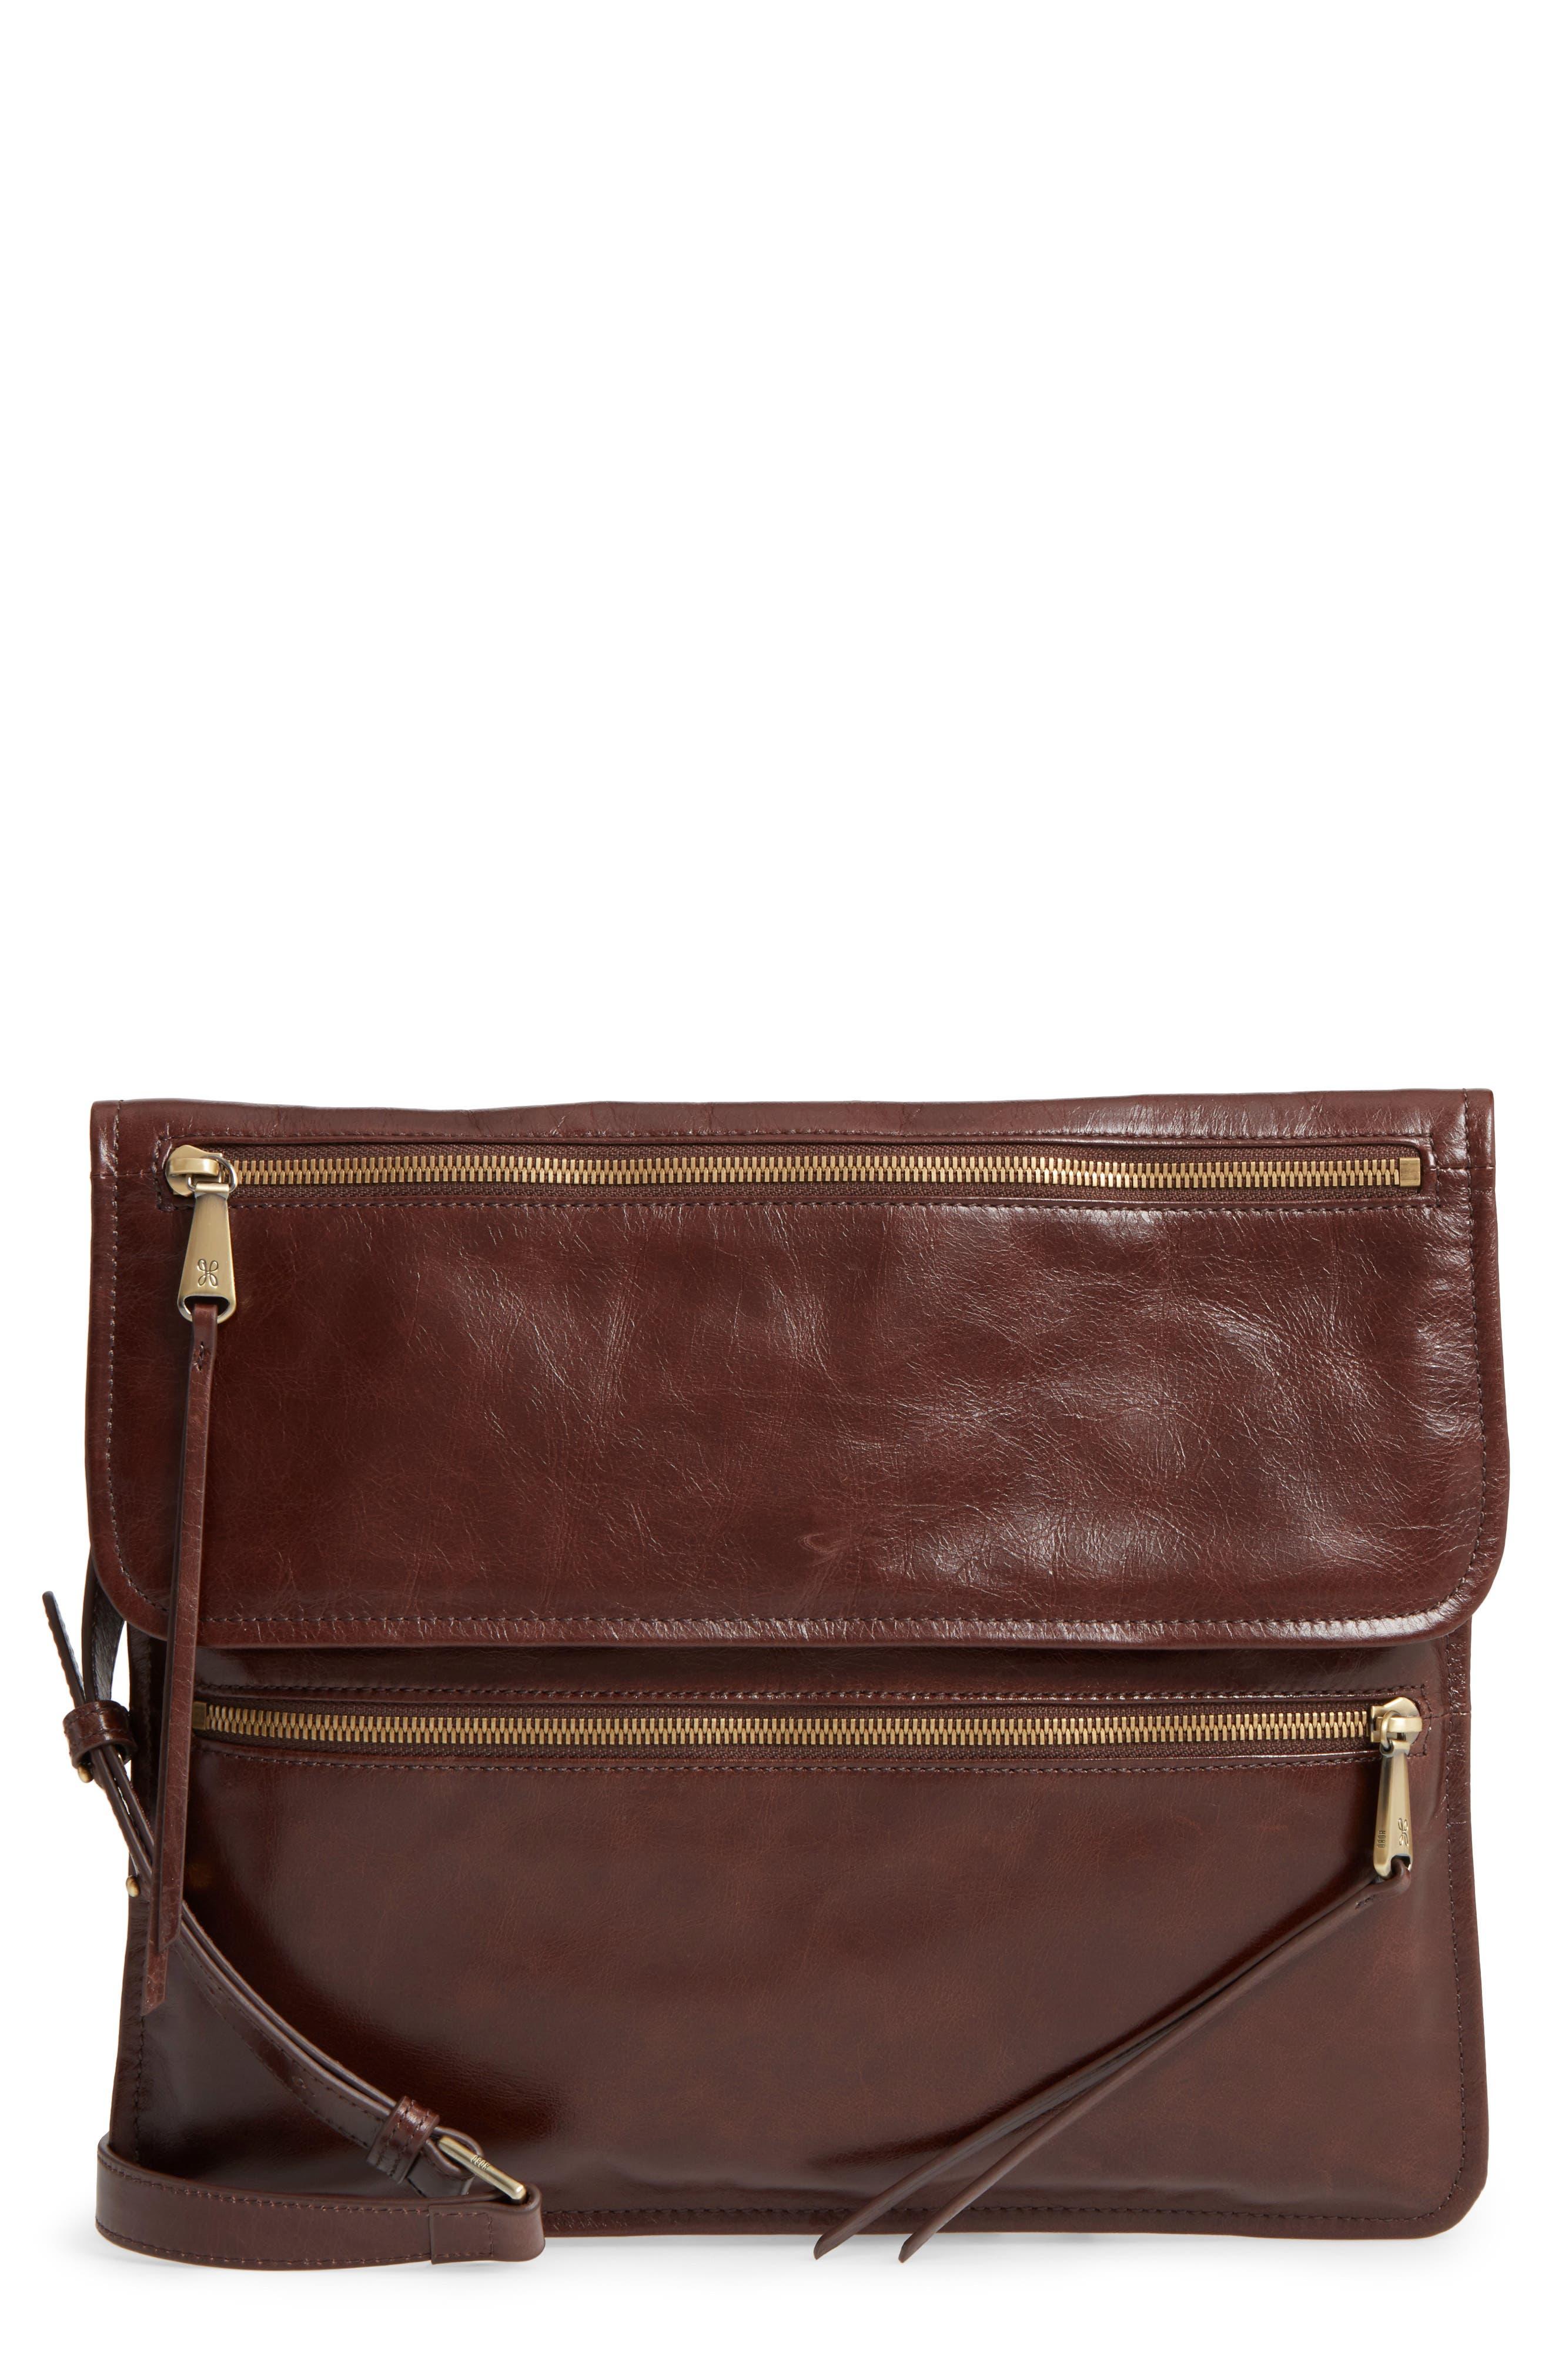 Alternate Image 1 Selected - Hobo Vista Calfskin Leather Messenger Bag